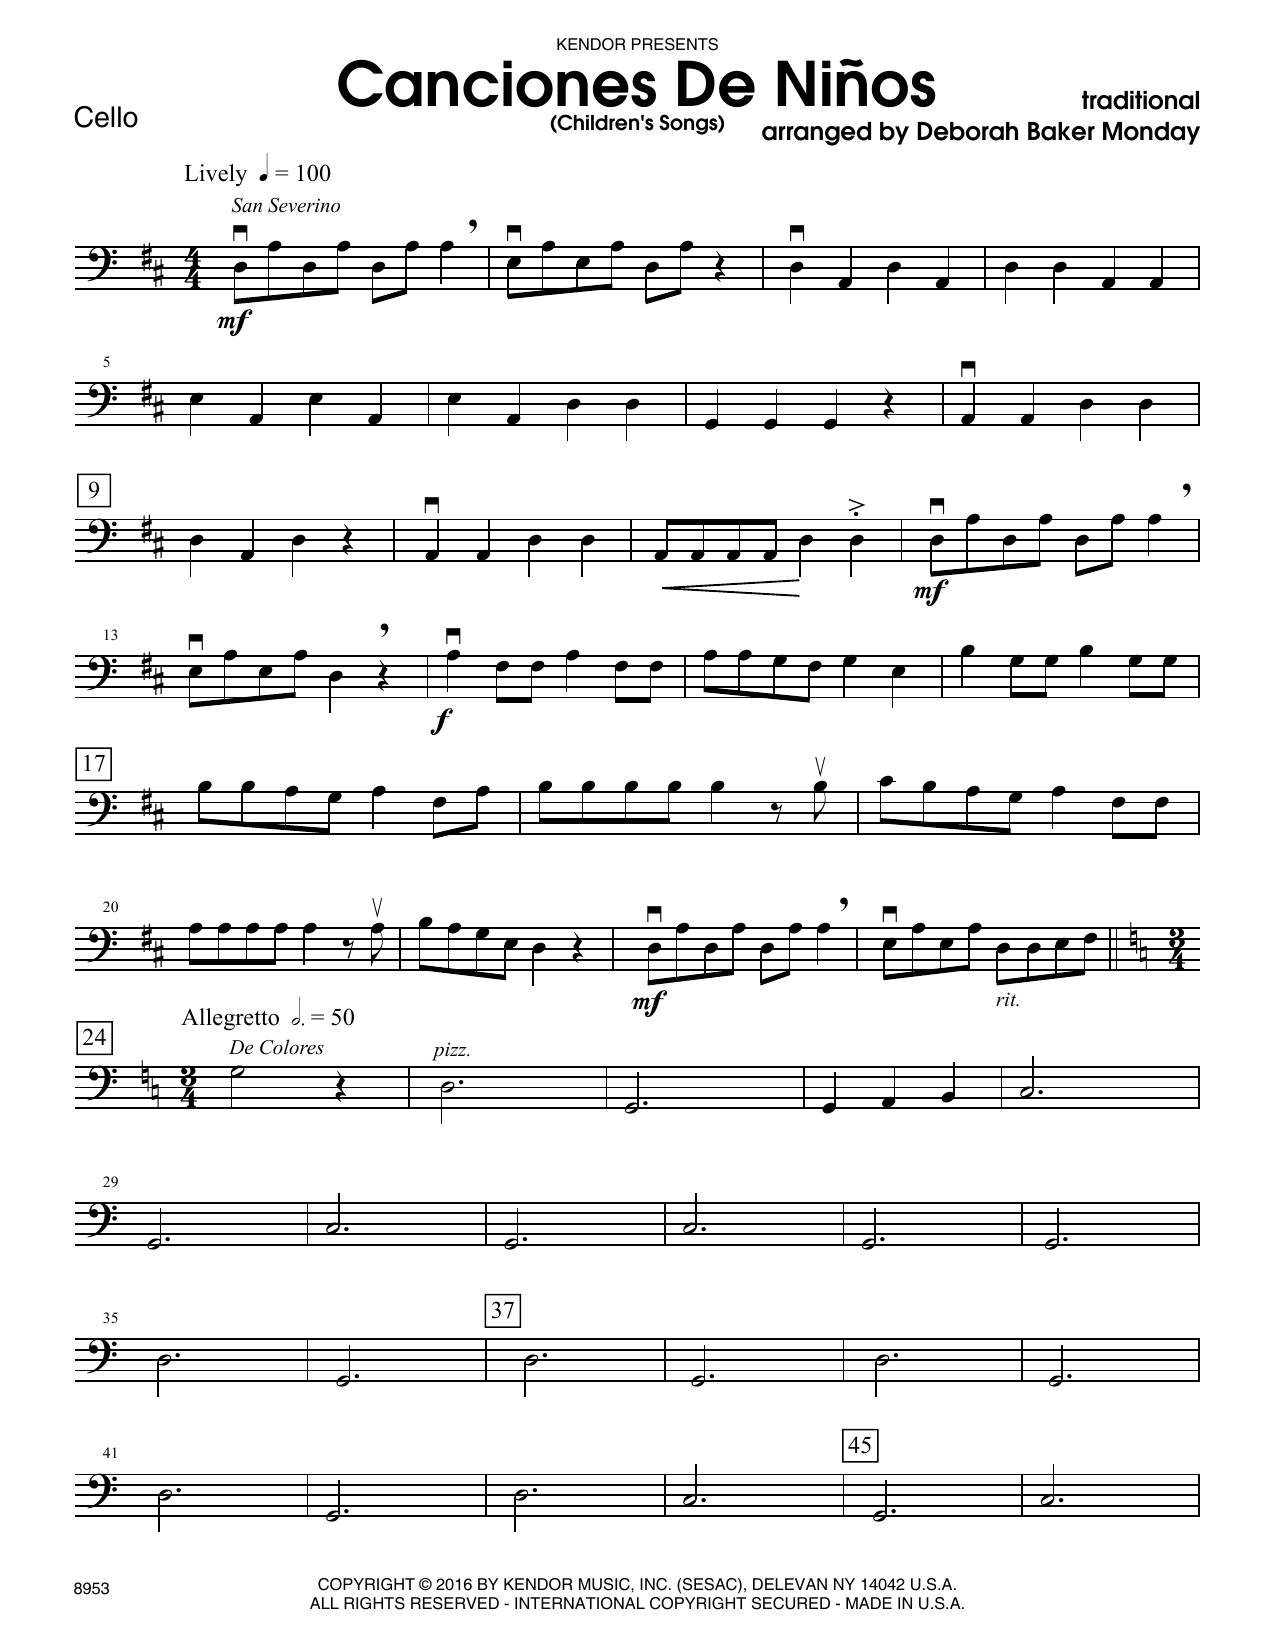 Canciones De Ninos - Cello